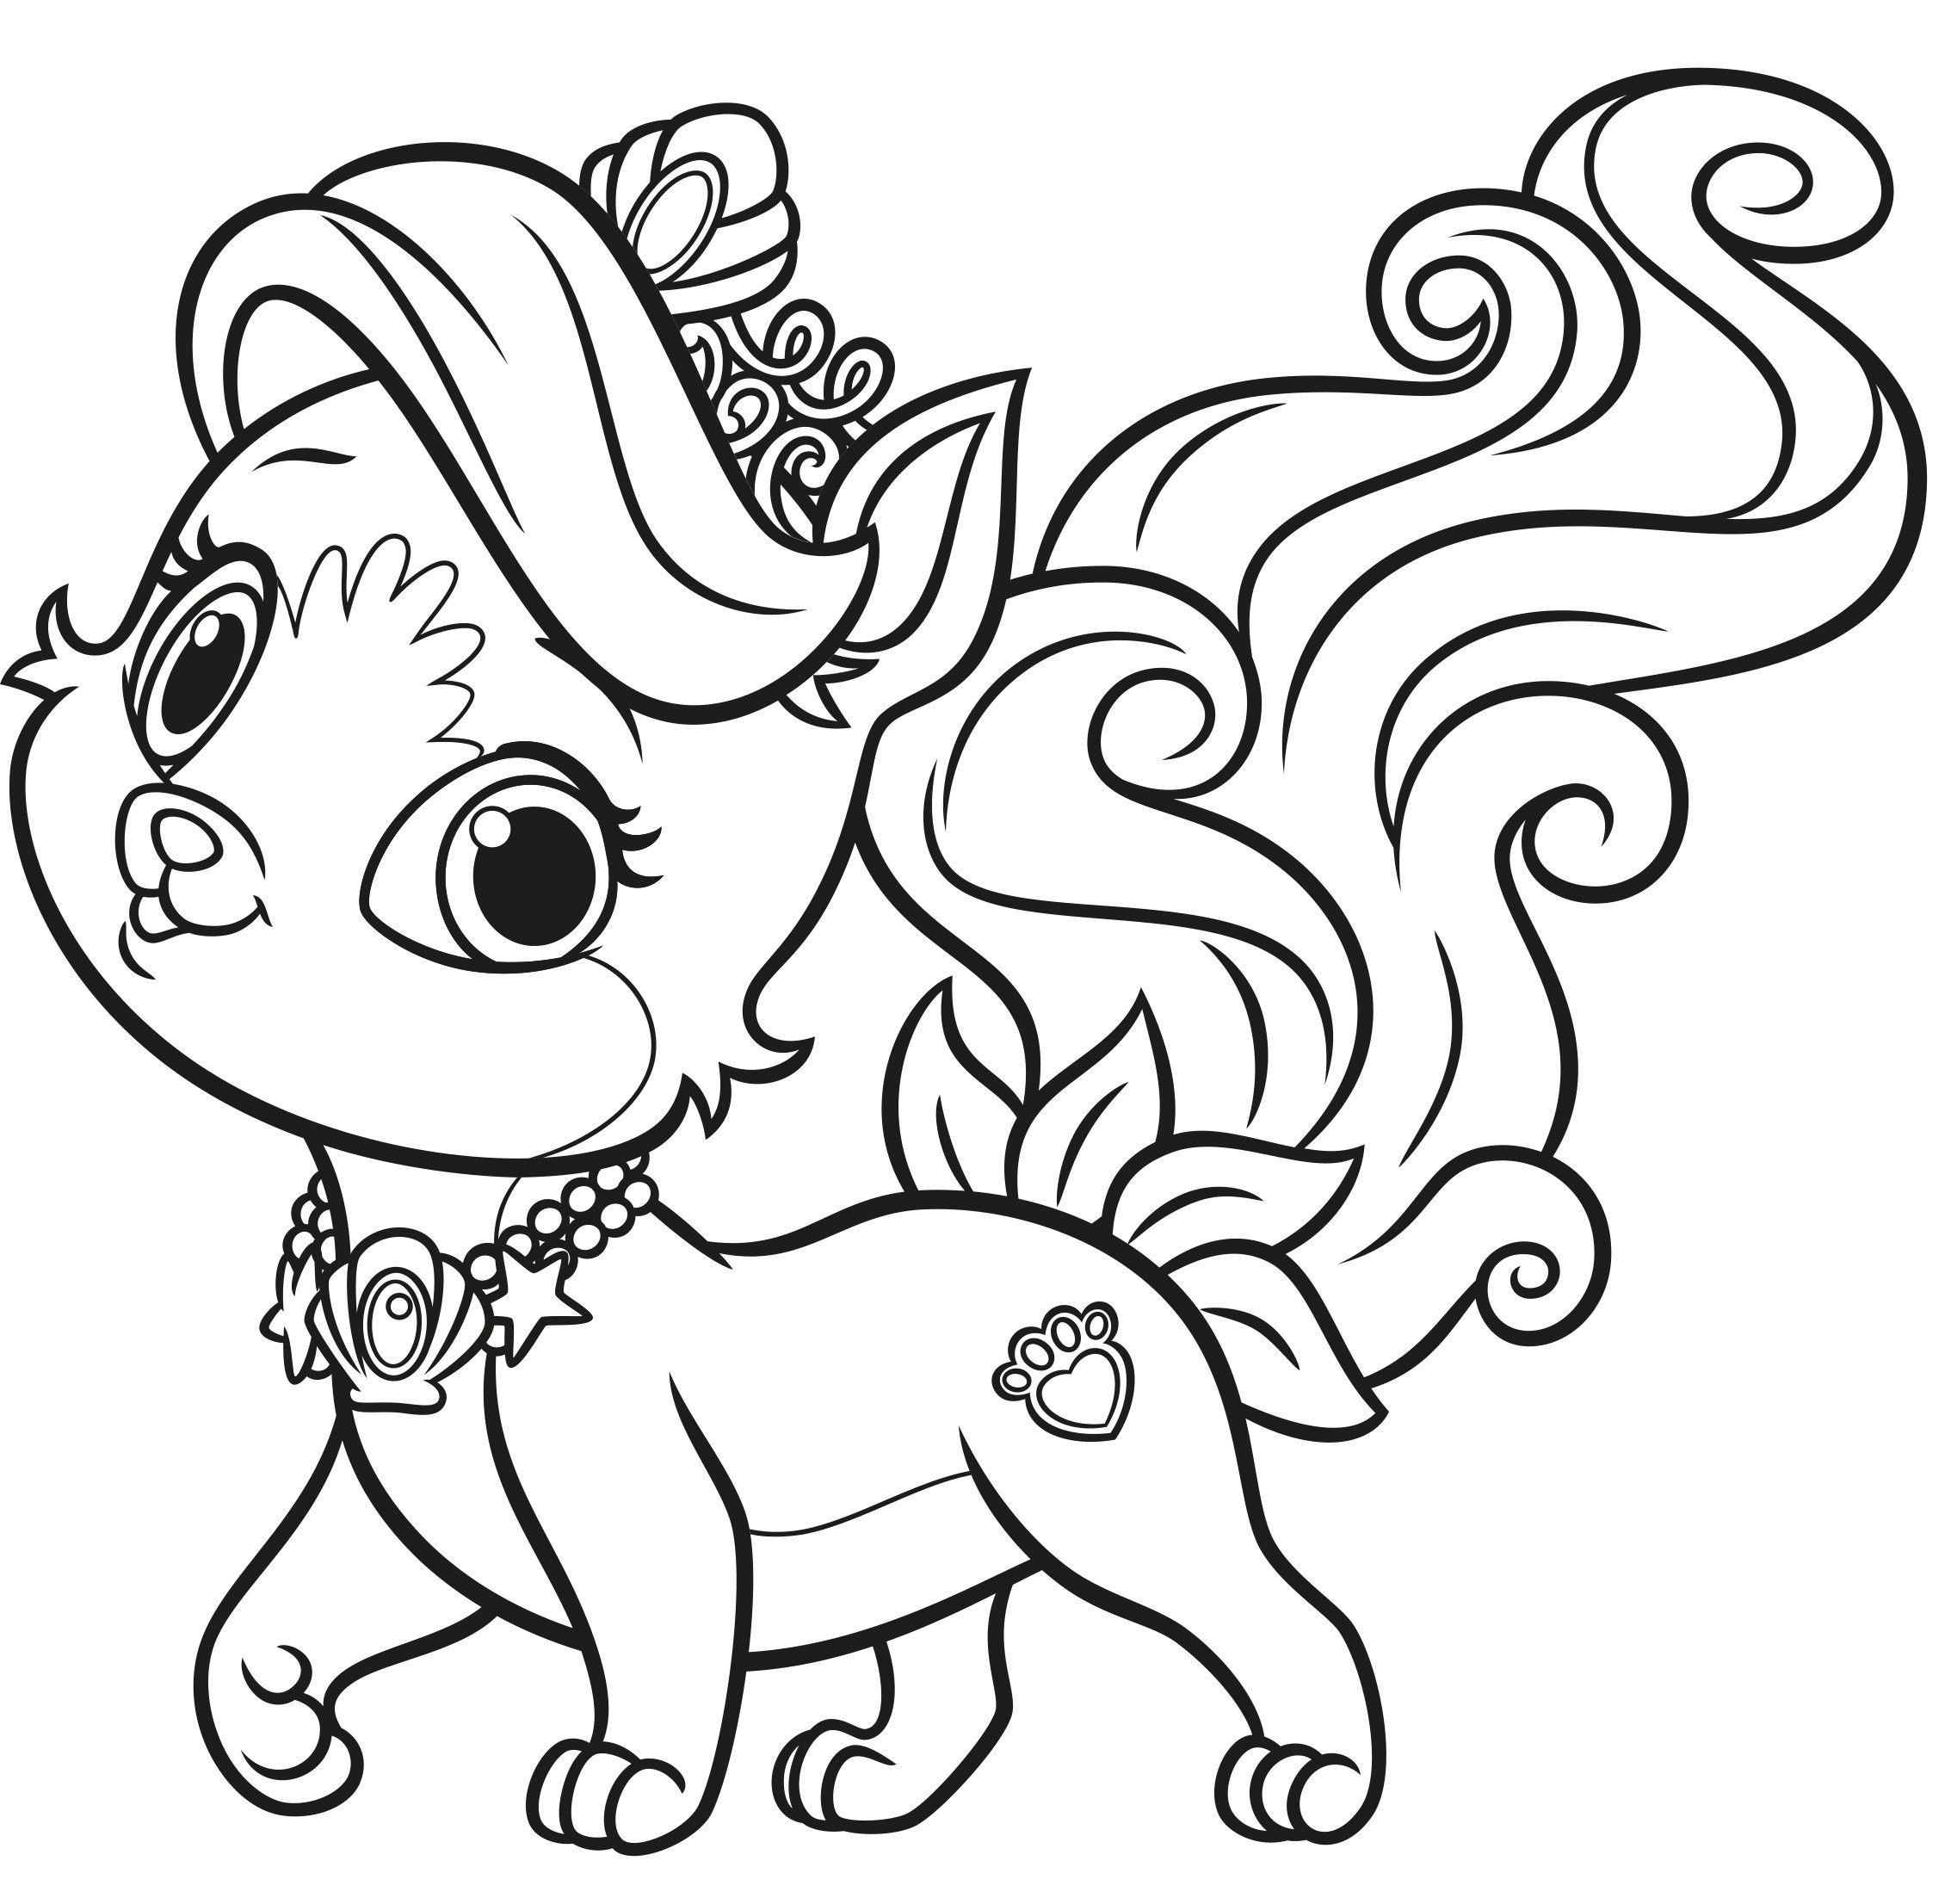 Neu Katzen Malvorlage Farbung Malvorlagen Malvorlagenfurkinder Malvorlagen Pferde Ausmalbilder Malvorlage Hase